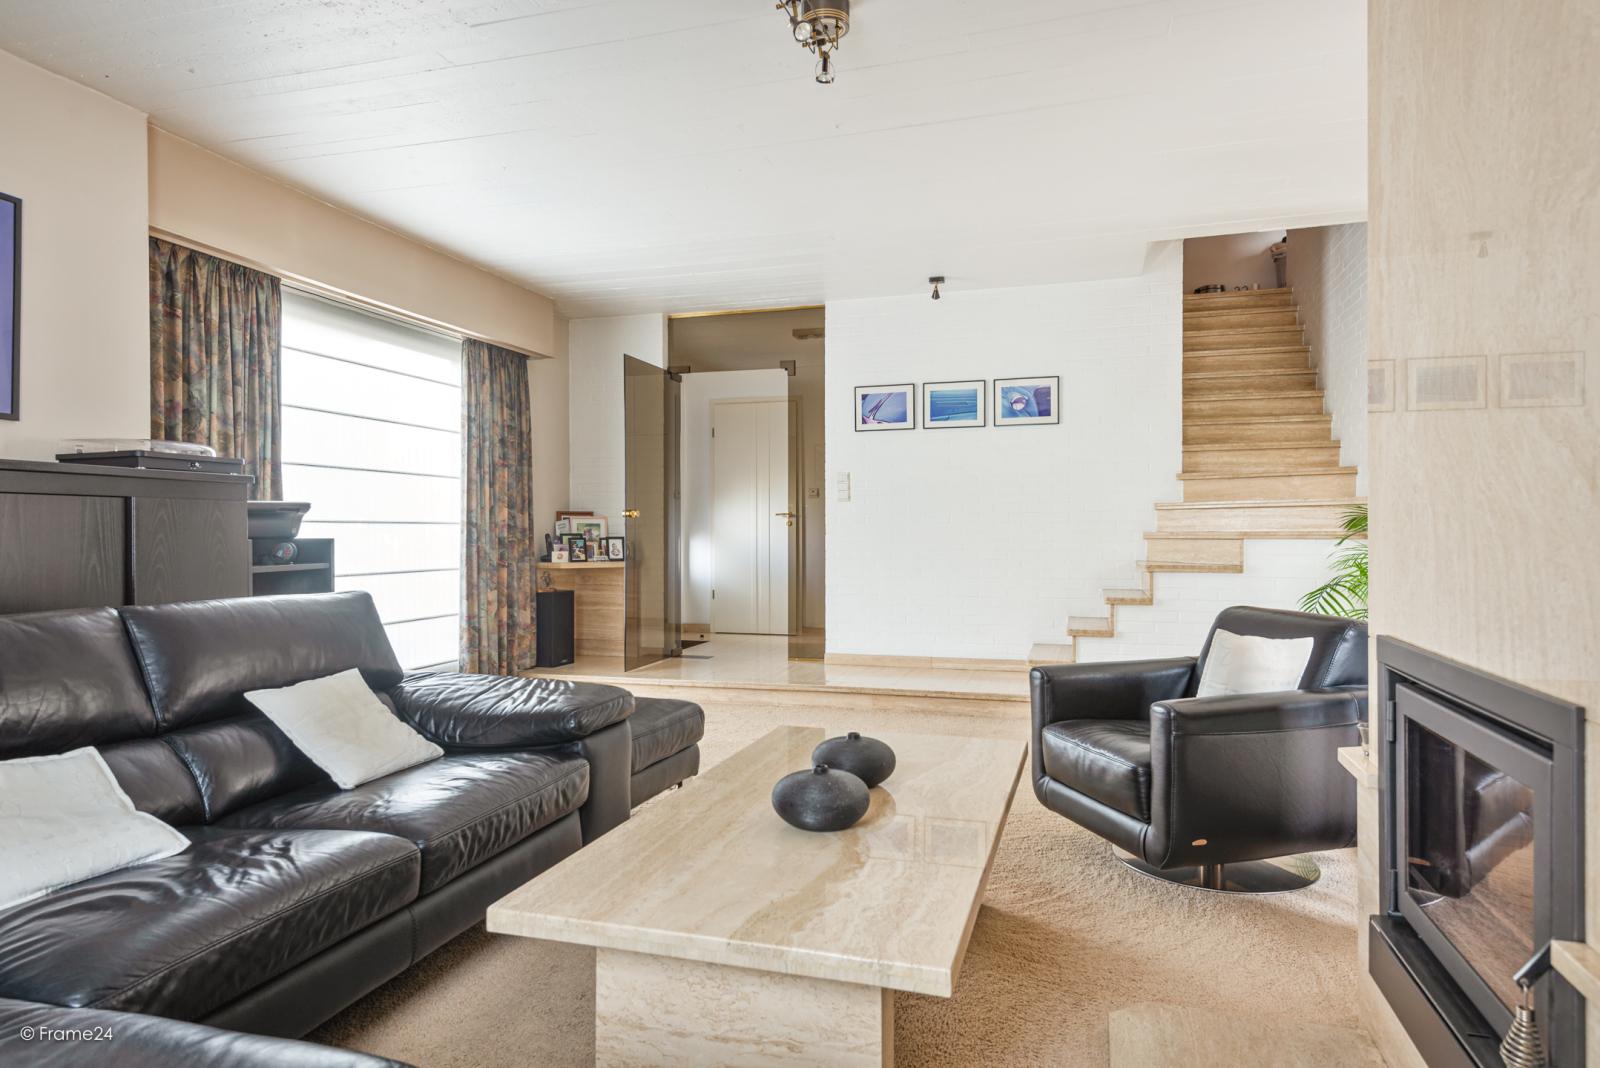 Zeer verzorgde halfopen woning met 4 slaapkamers en gelegen op een hoekperceel van 457 m²! afbeelding 5